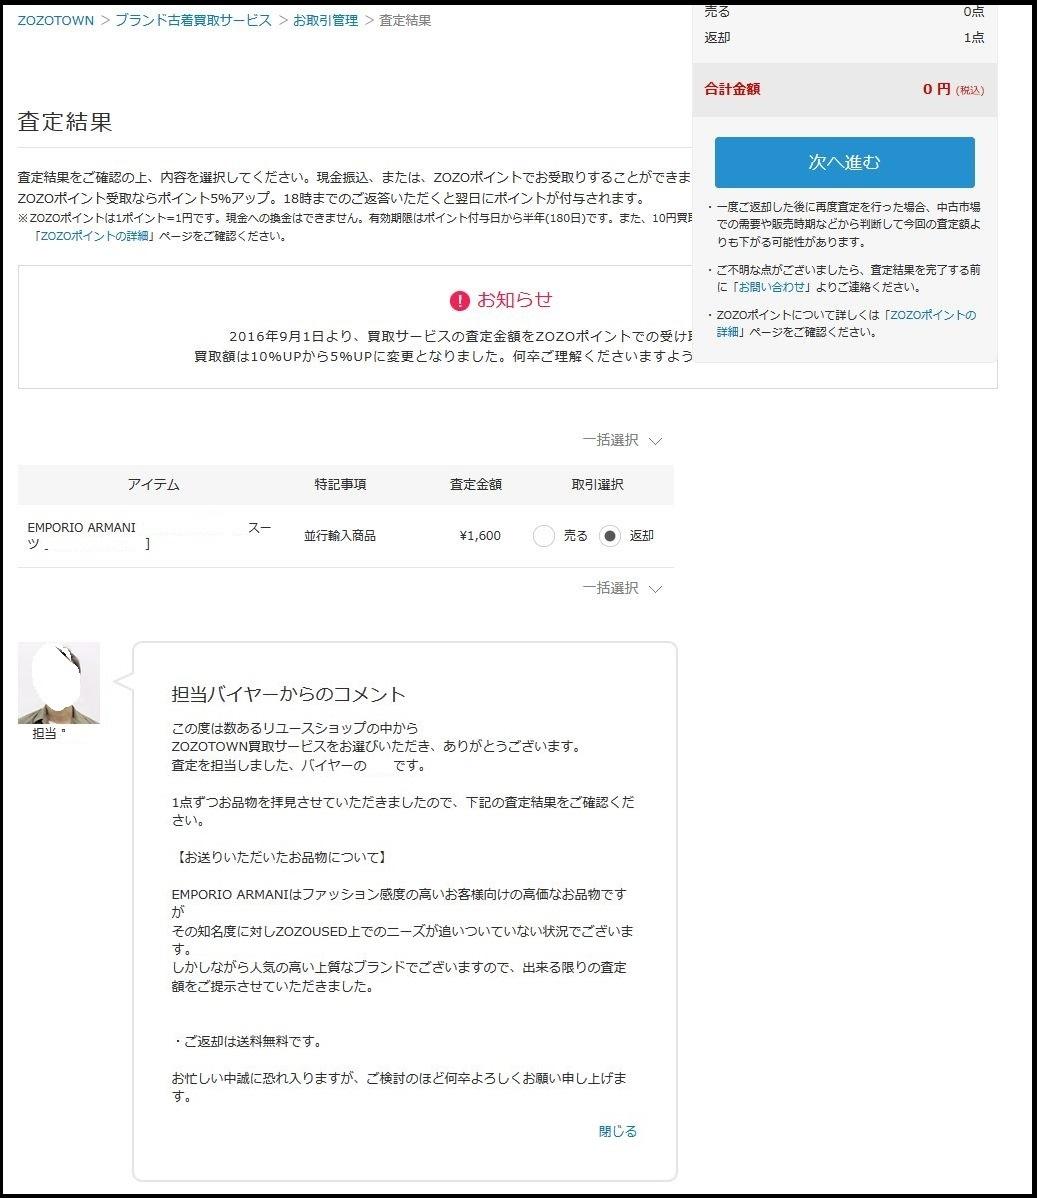 09-28査定結果 ZOZOTOWN01